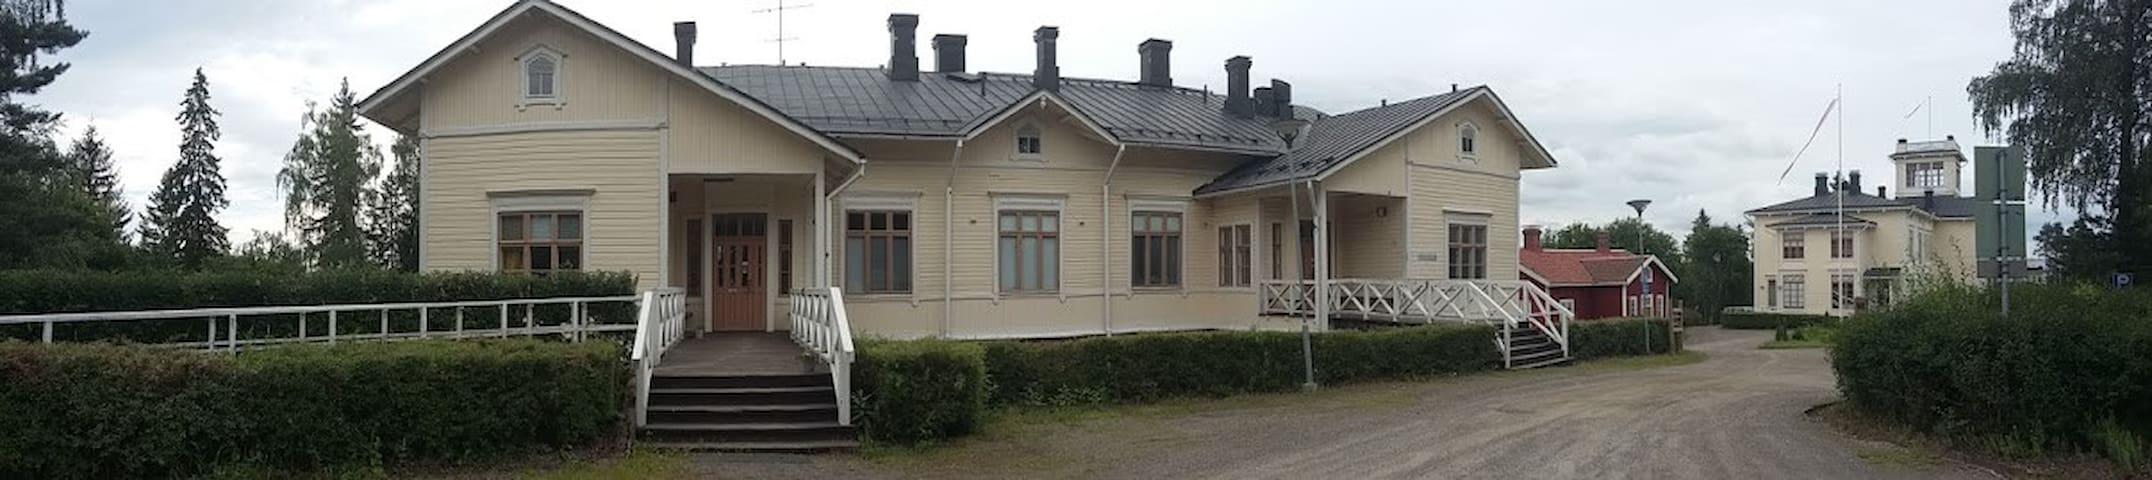 Kuusistola 1, sininen - Hämeenlinna - Apartamento